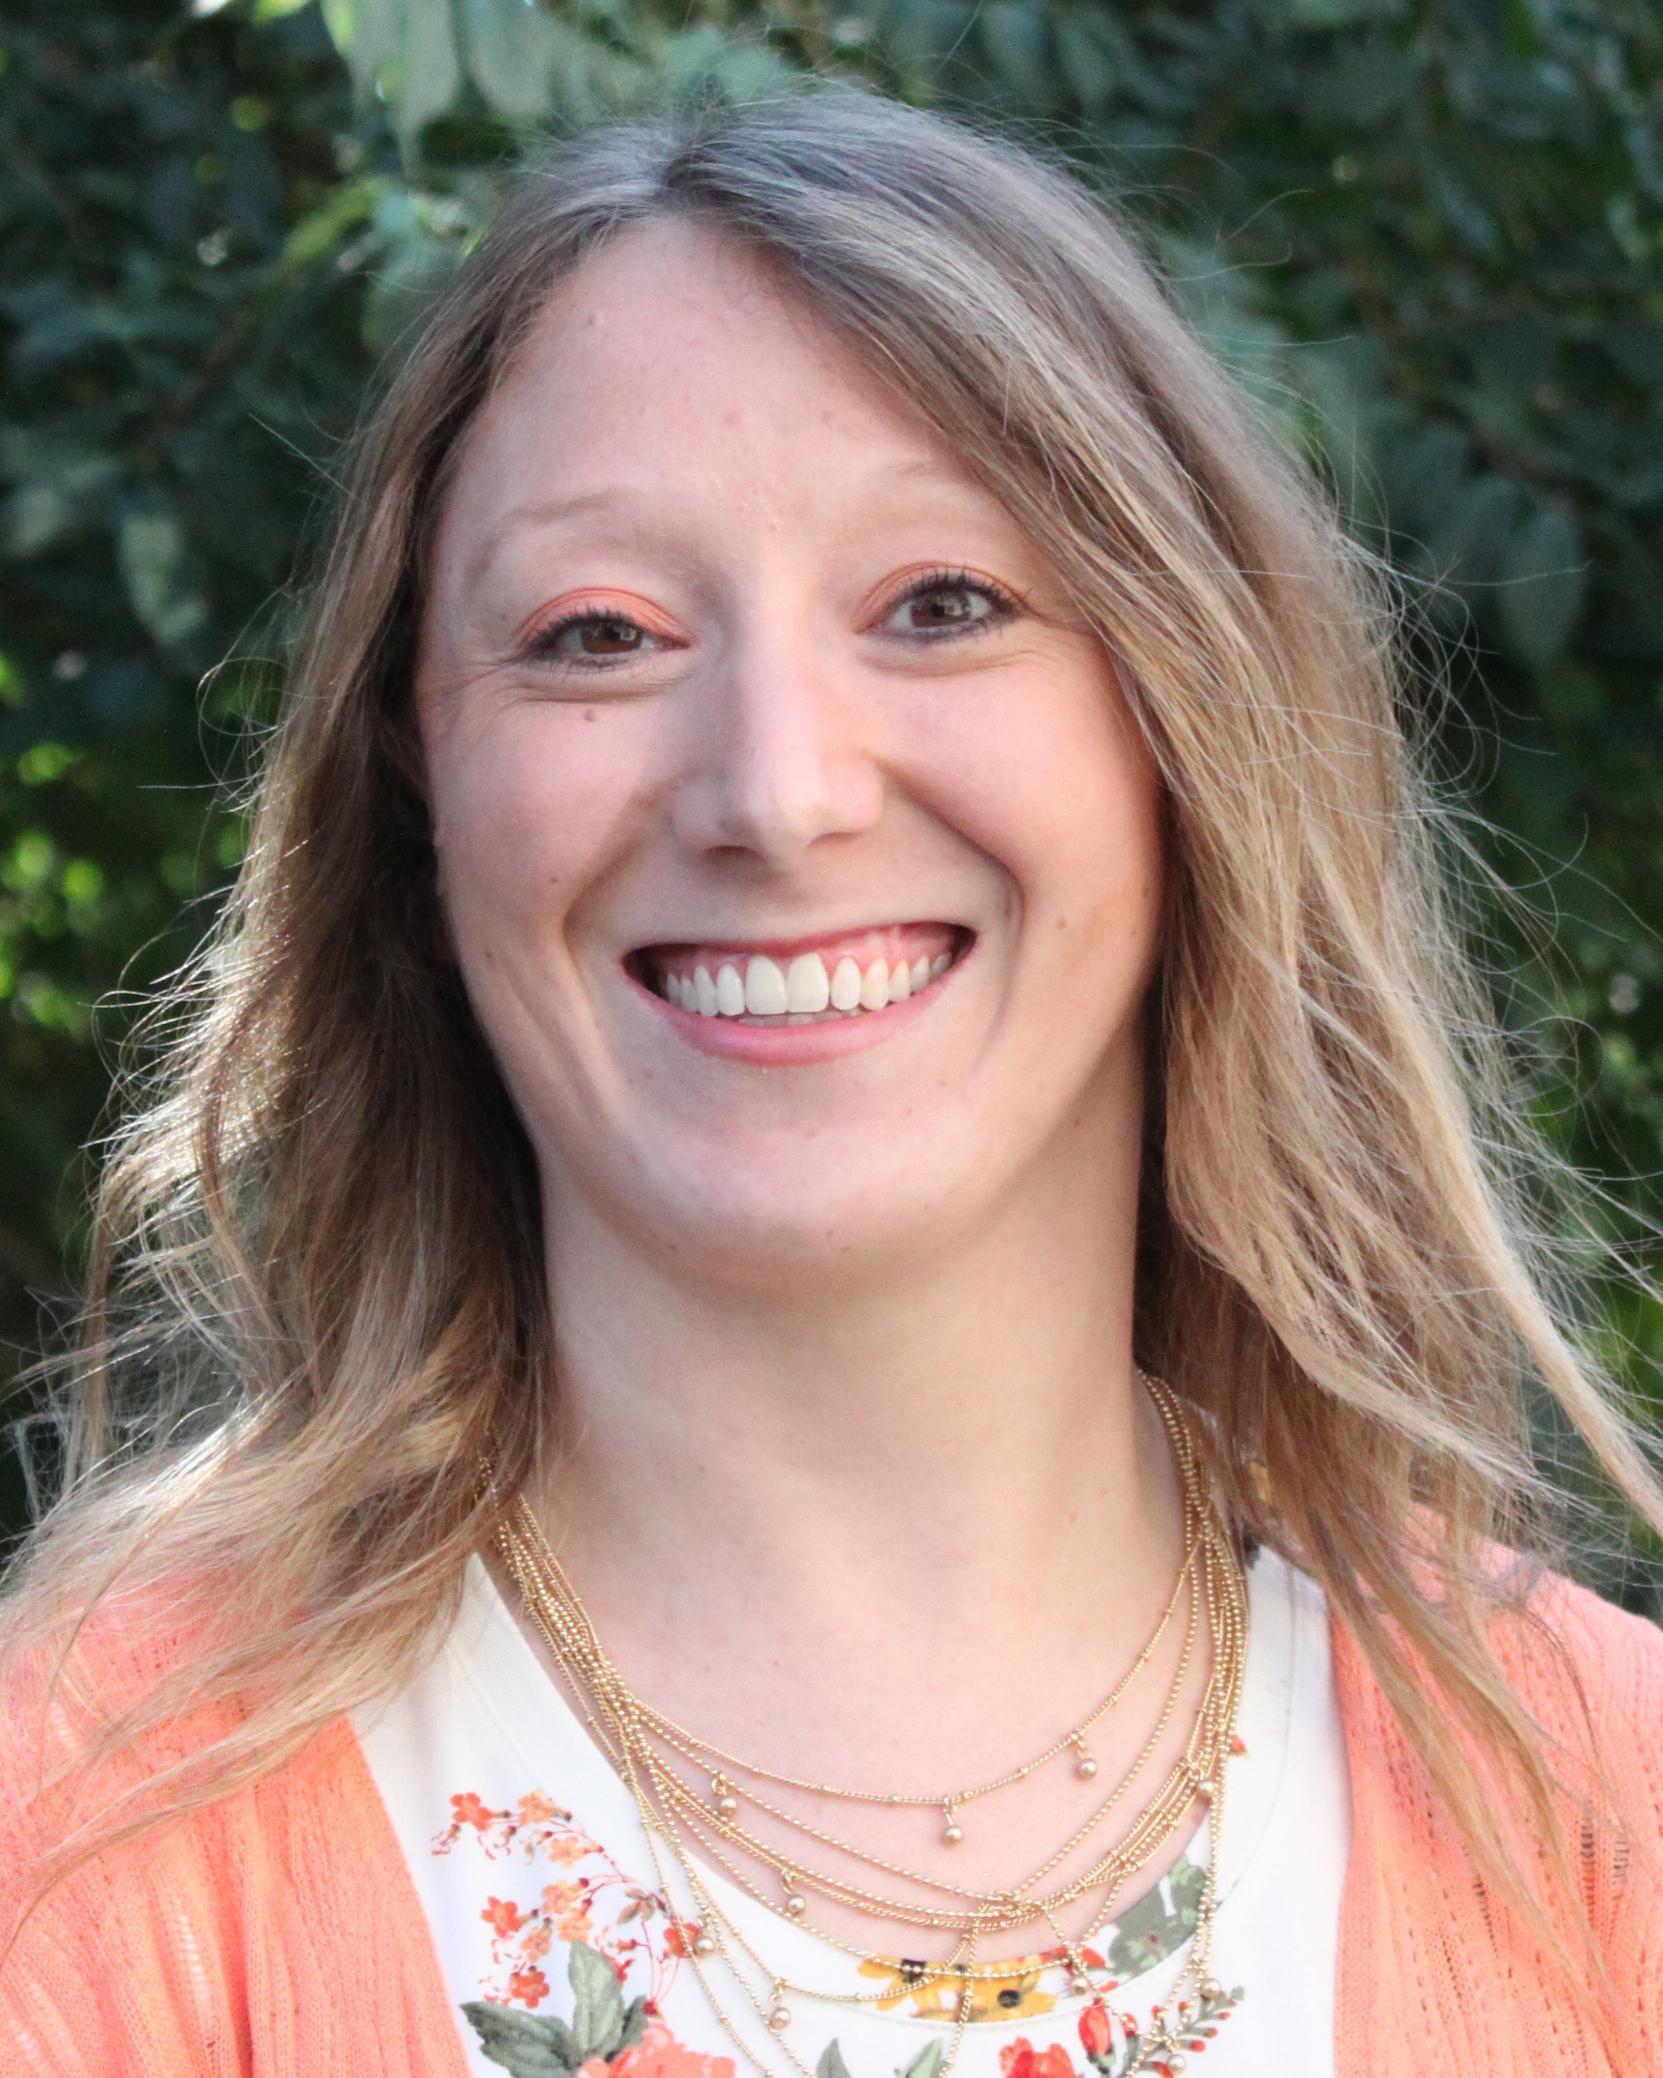 Katelyn Delaney